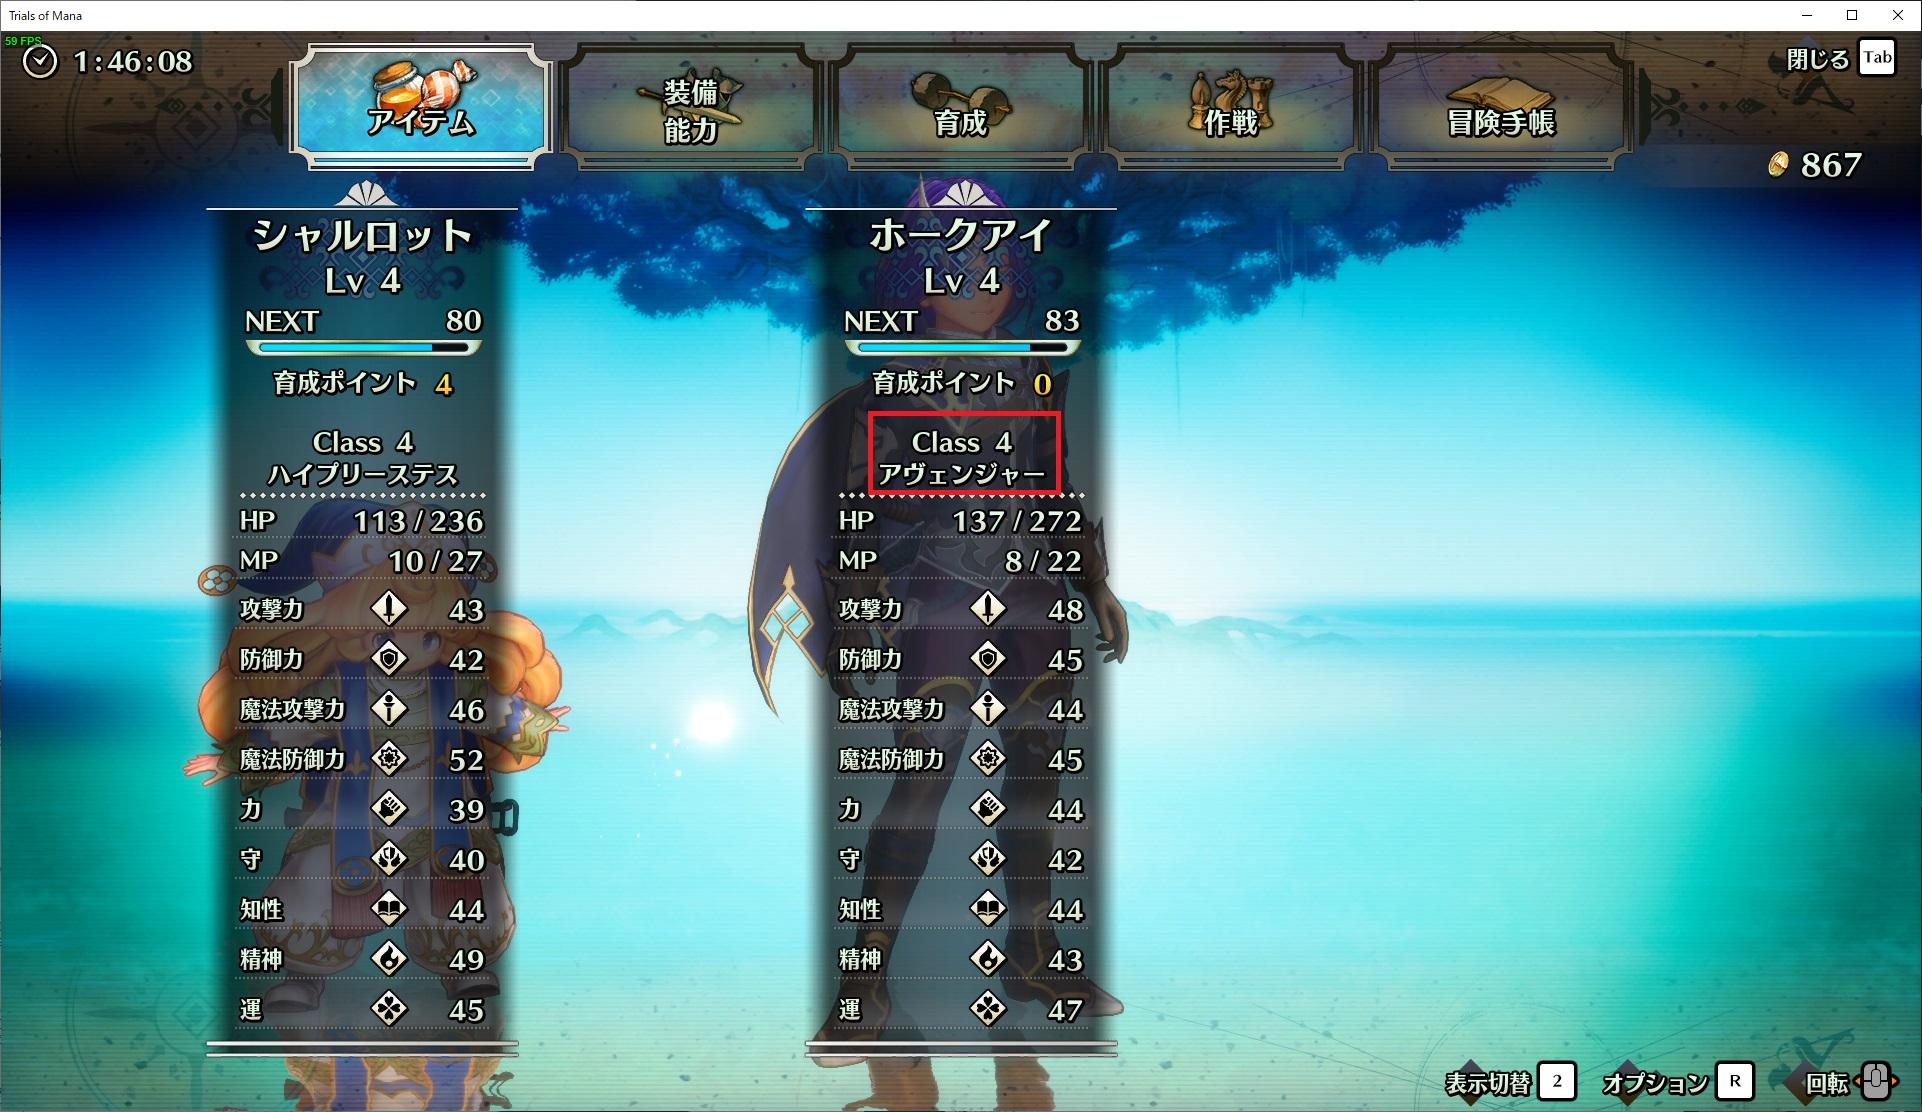 やり方 ゲーム ニュー ドラクエ 11s て 強く